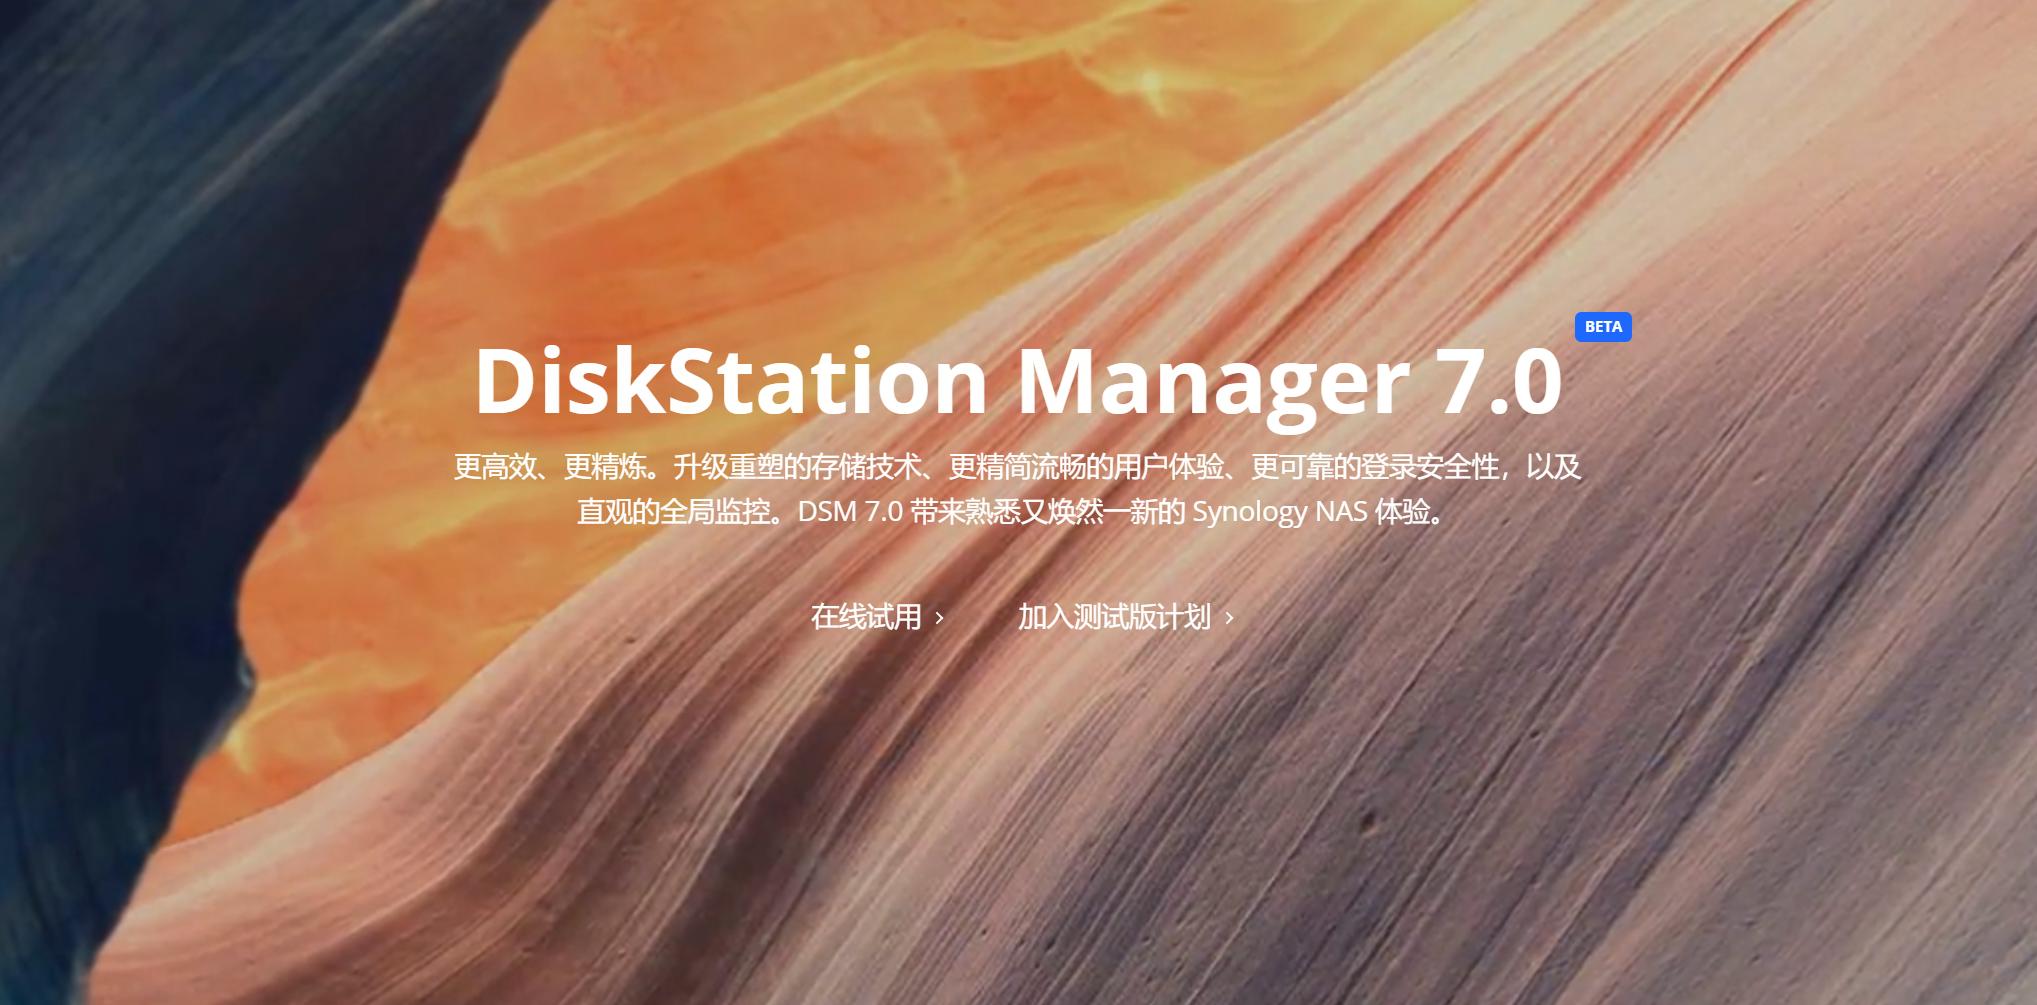 DiskStation Manager 7.0.png